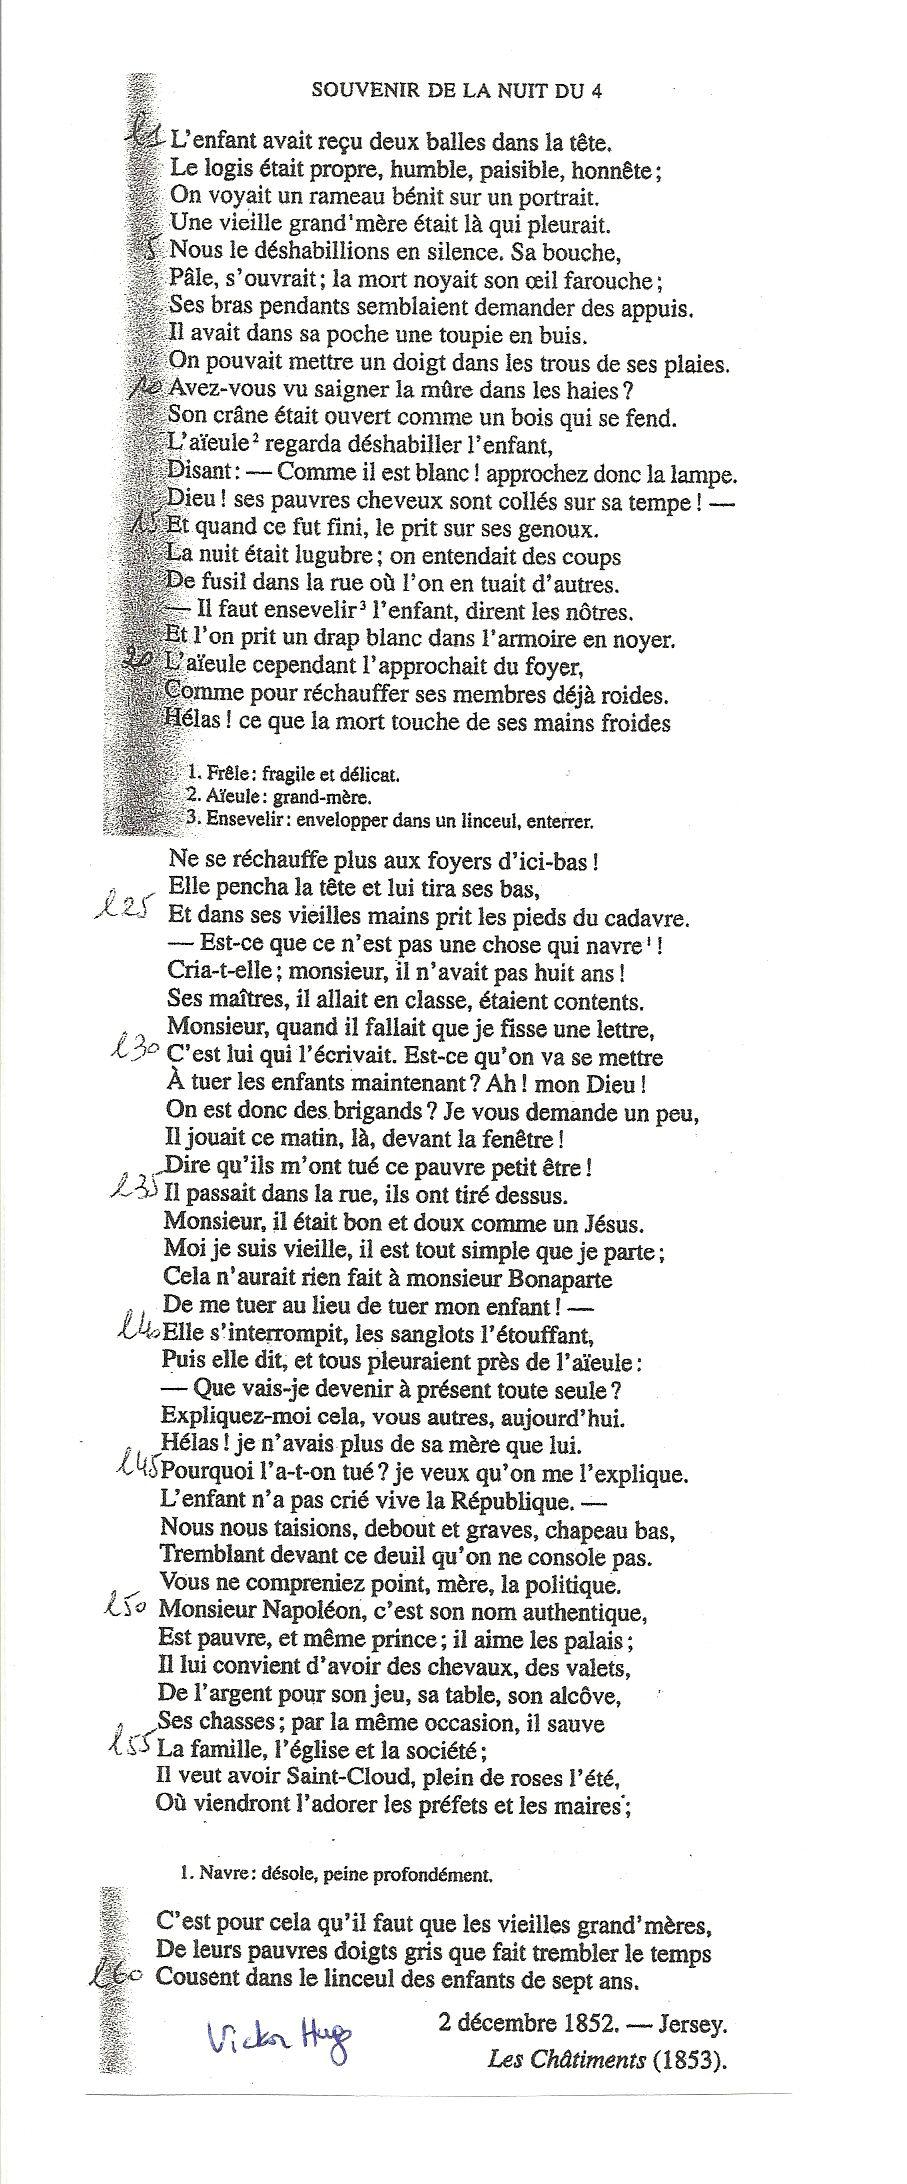 Souvenir De La Nuit Du 4 Victor Hugo : souvenir, victor, Épinglé, L'art, Libertés